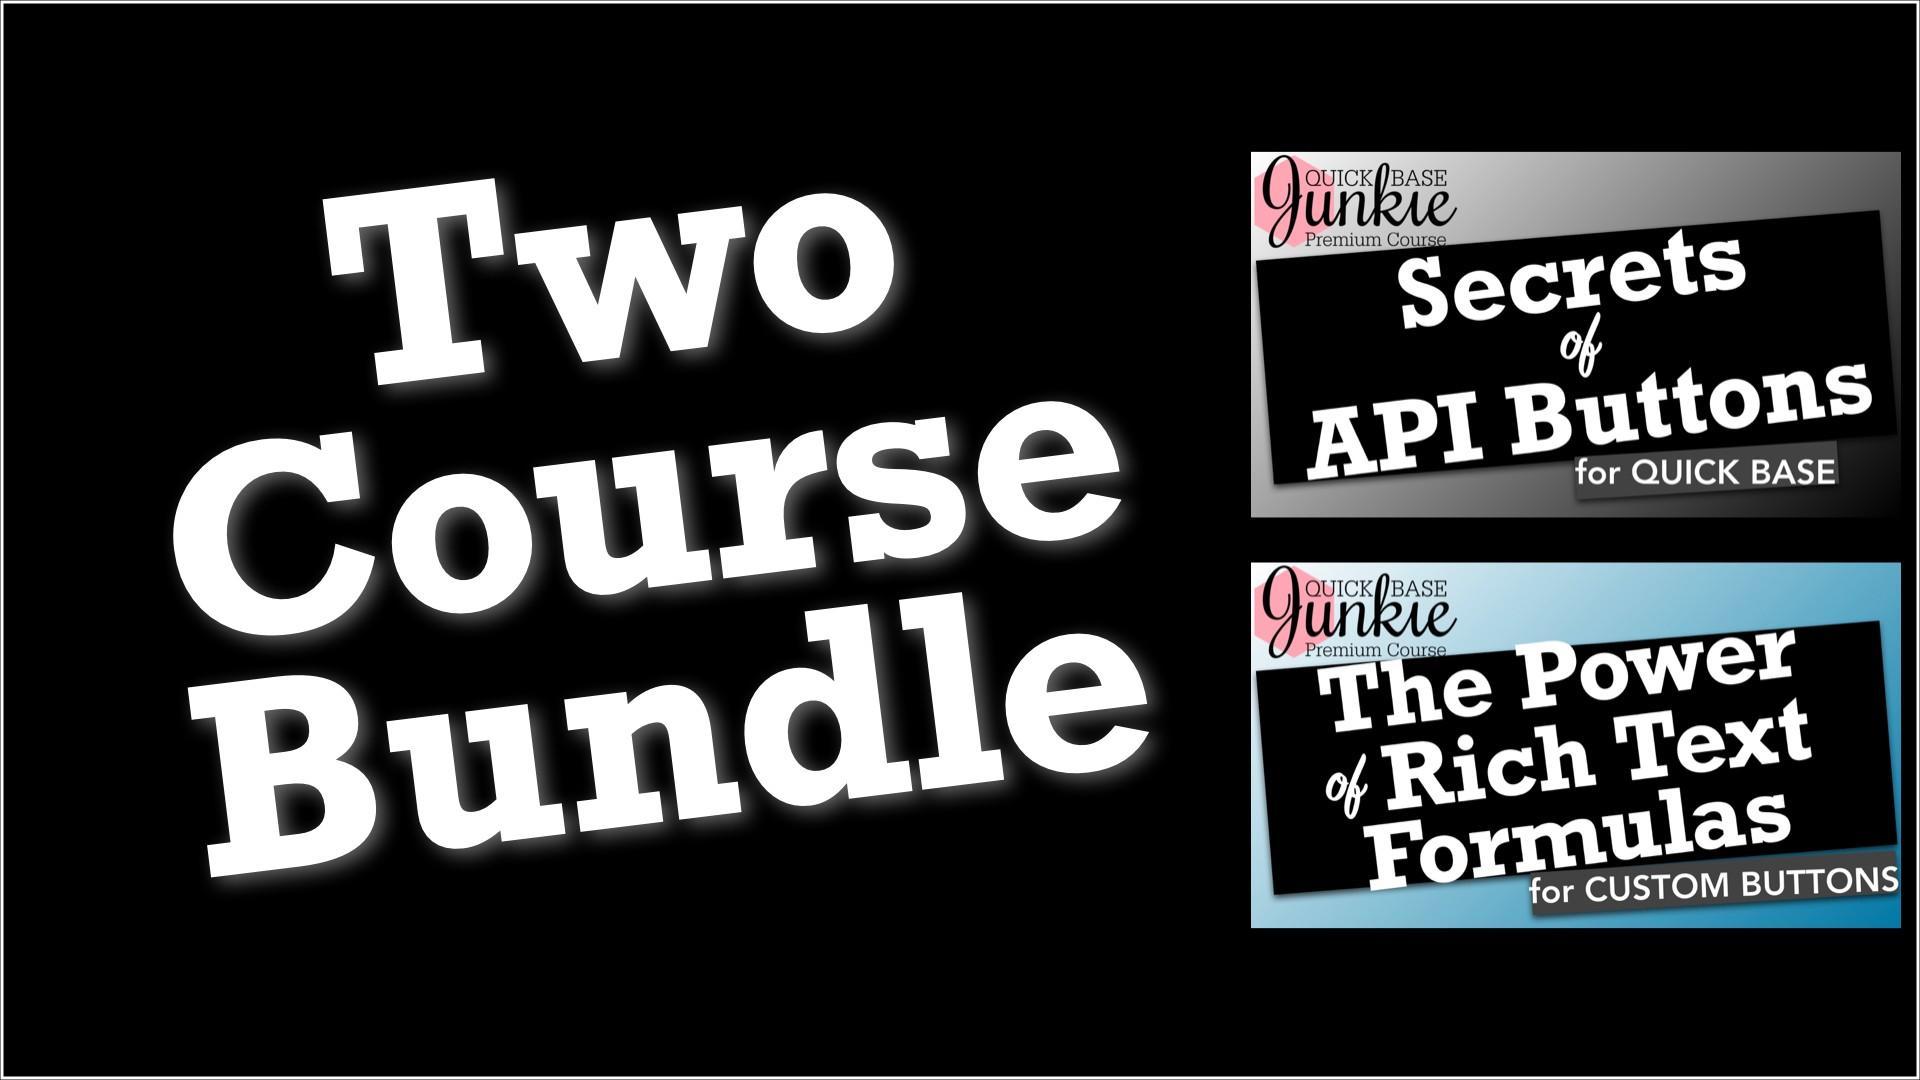 Quick Base Junkie Two Course Bundle